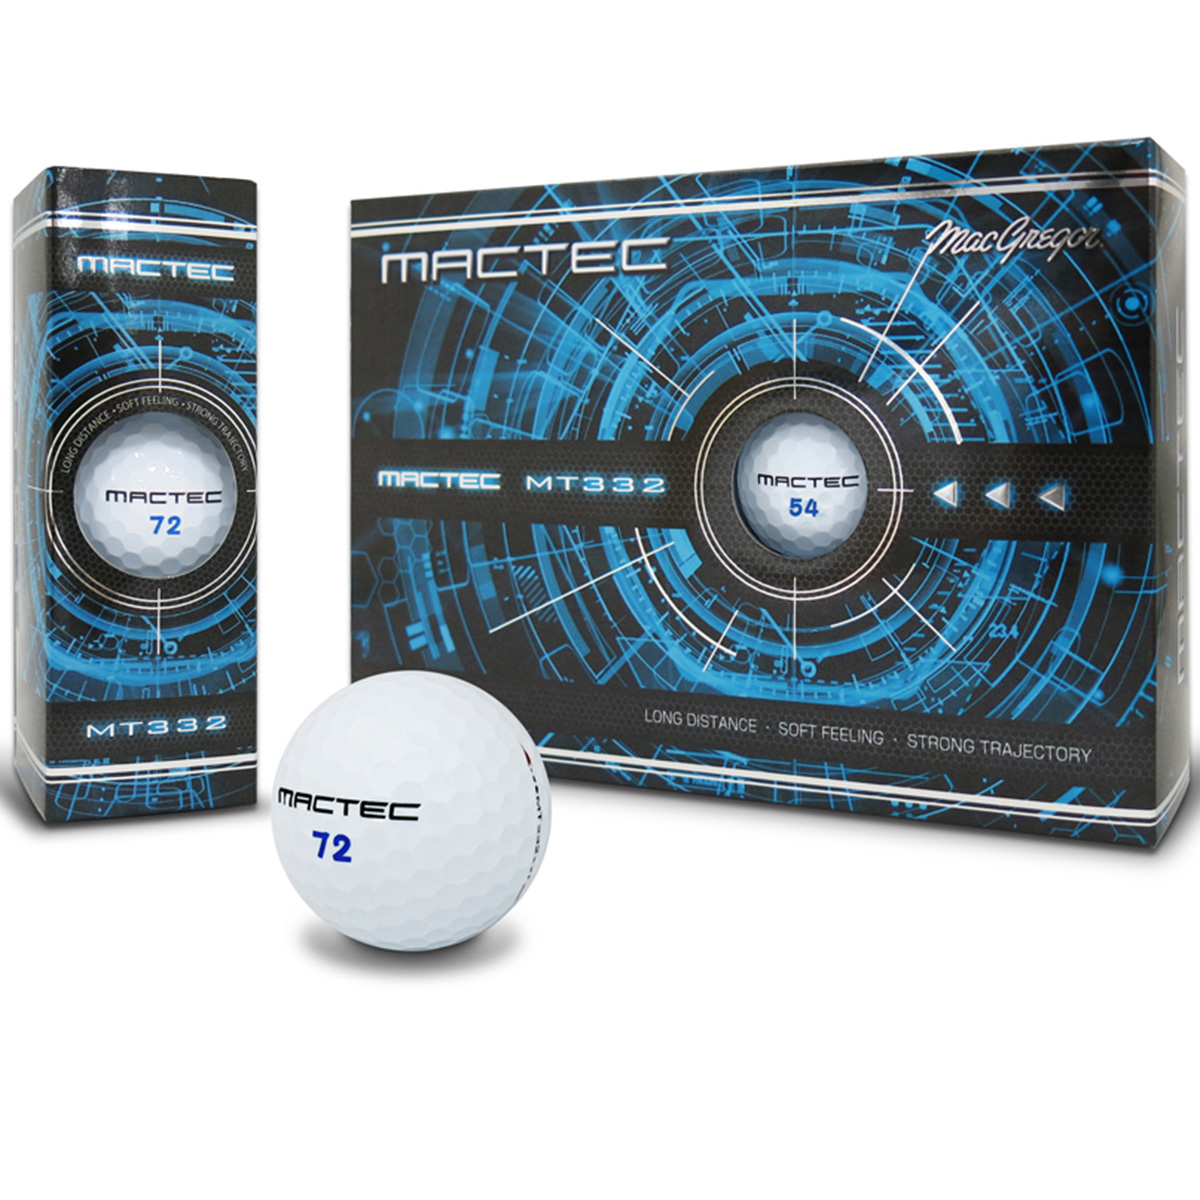 マックテック MT332 スリーピースボール